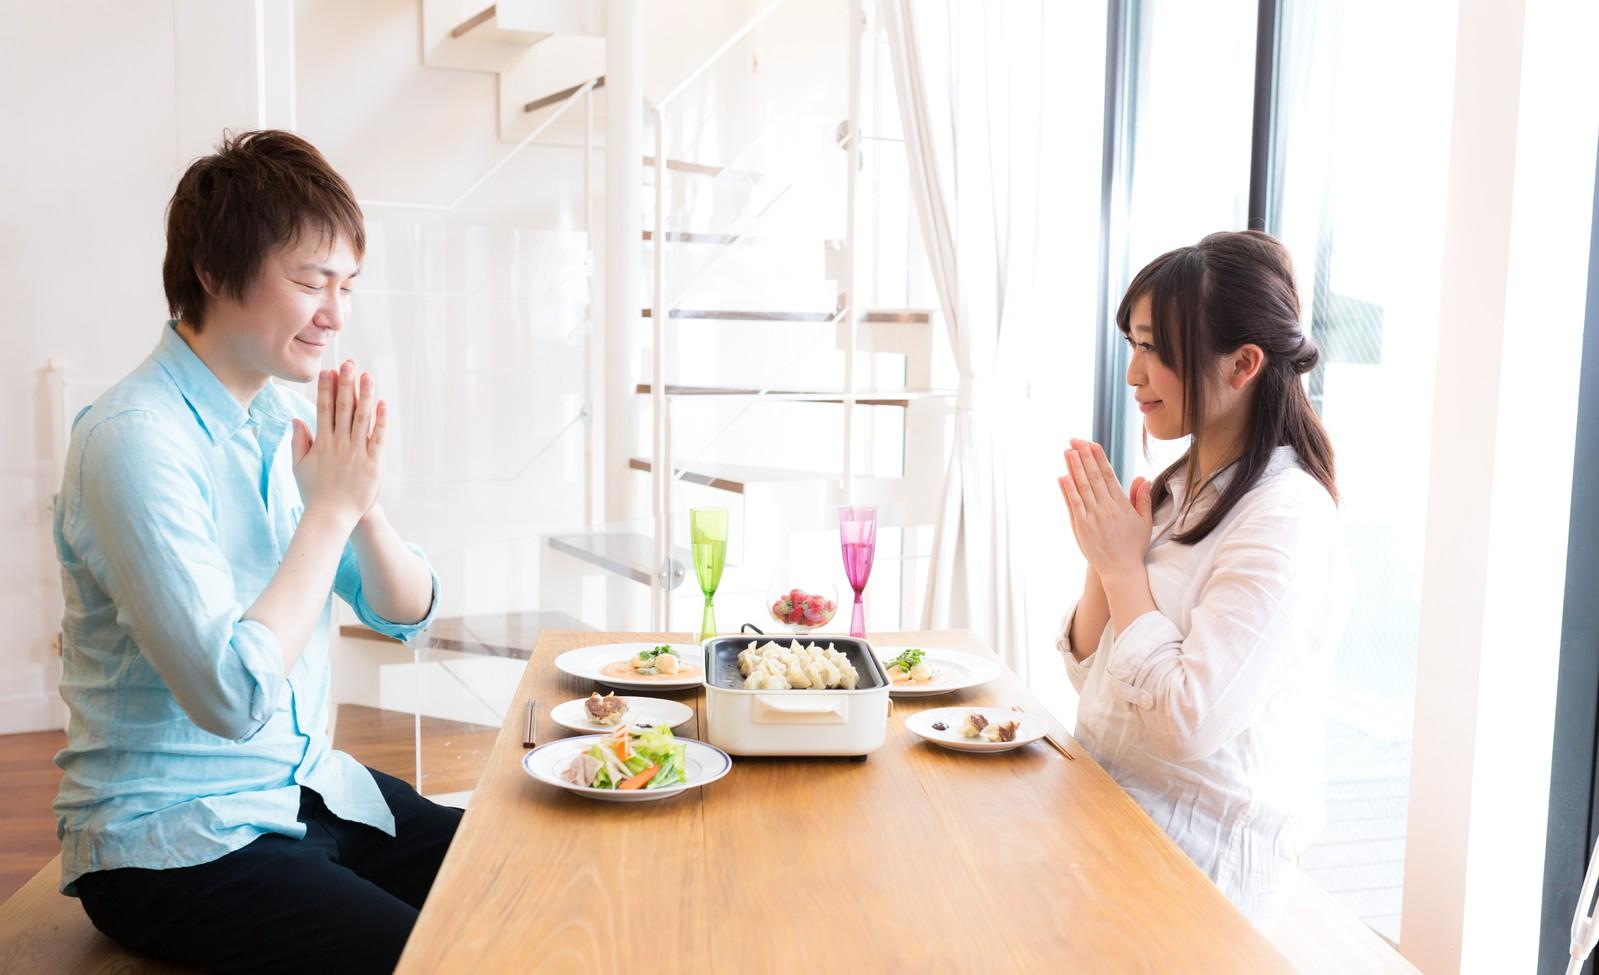 日常心理学:食事を一緒に食べるだけで好きになる?…「ランチョンテクニック」